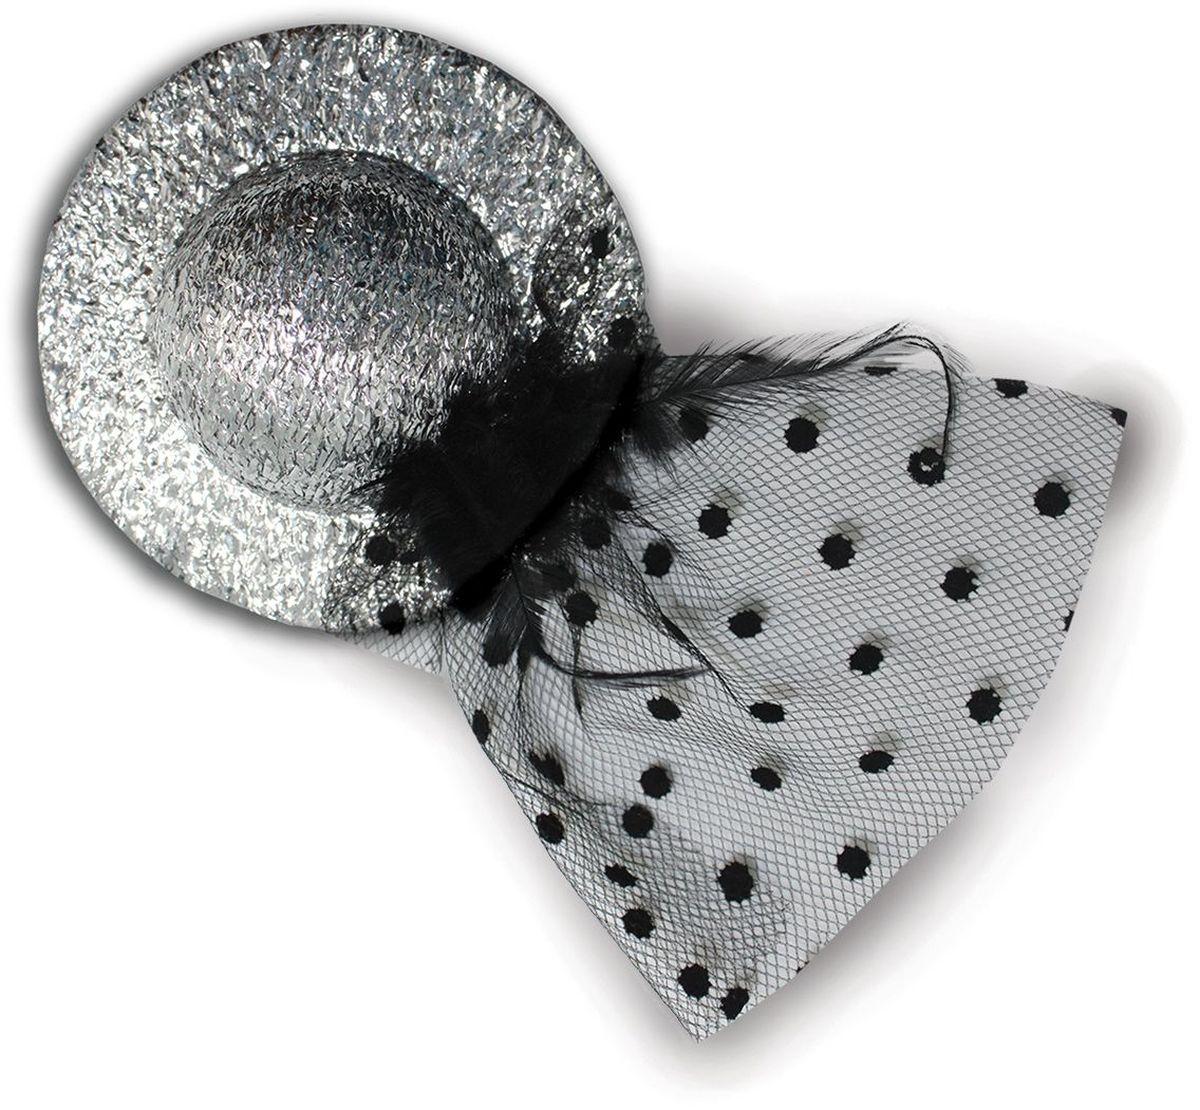 Partymania Мини-шляпка с вуалью 10 см T1227 цвет серебряная